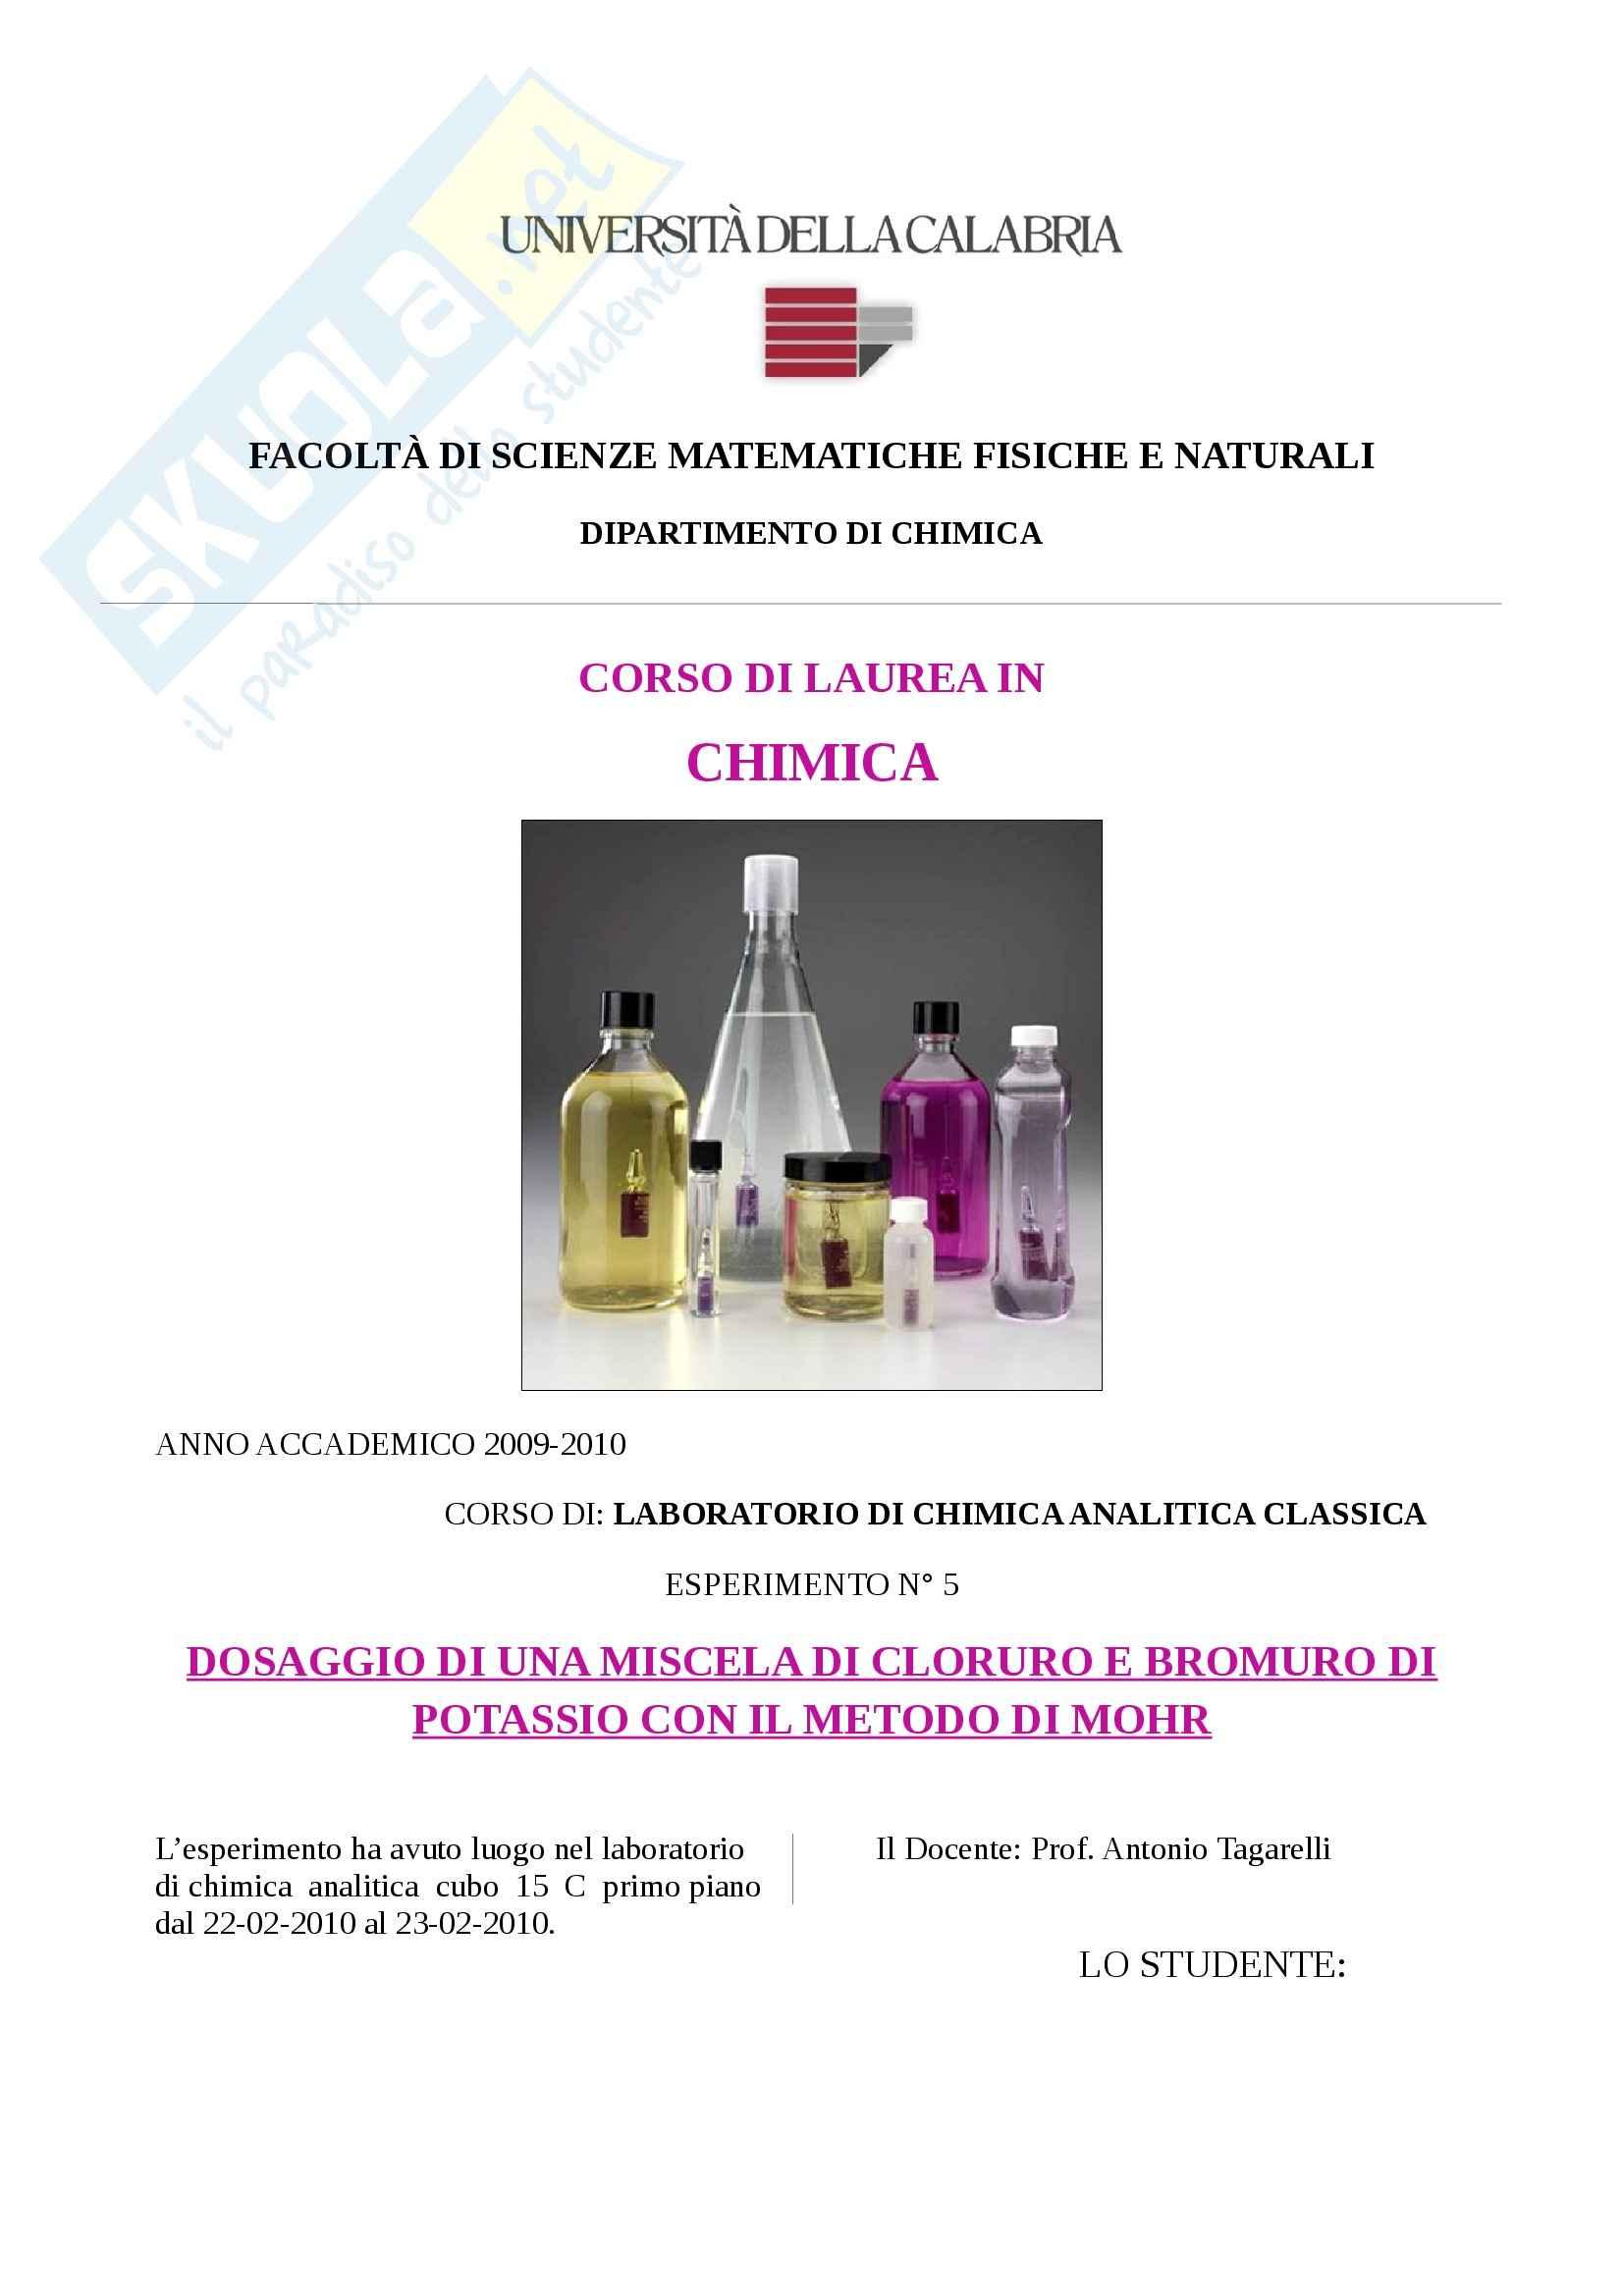 Laboratorio di chimica analitica classica - dosaggio di una miscela di cloruro e bromuro di potassio col metodo di mohr